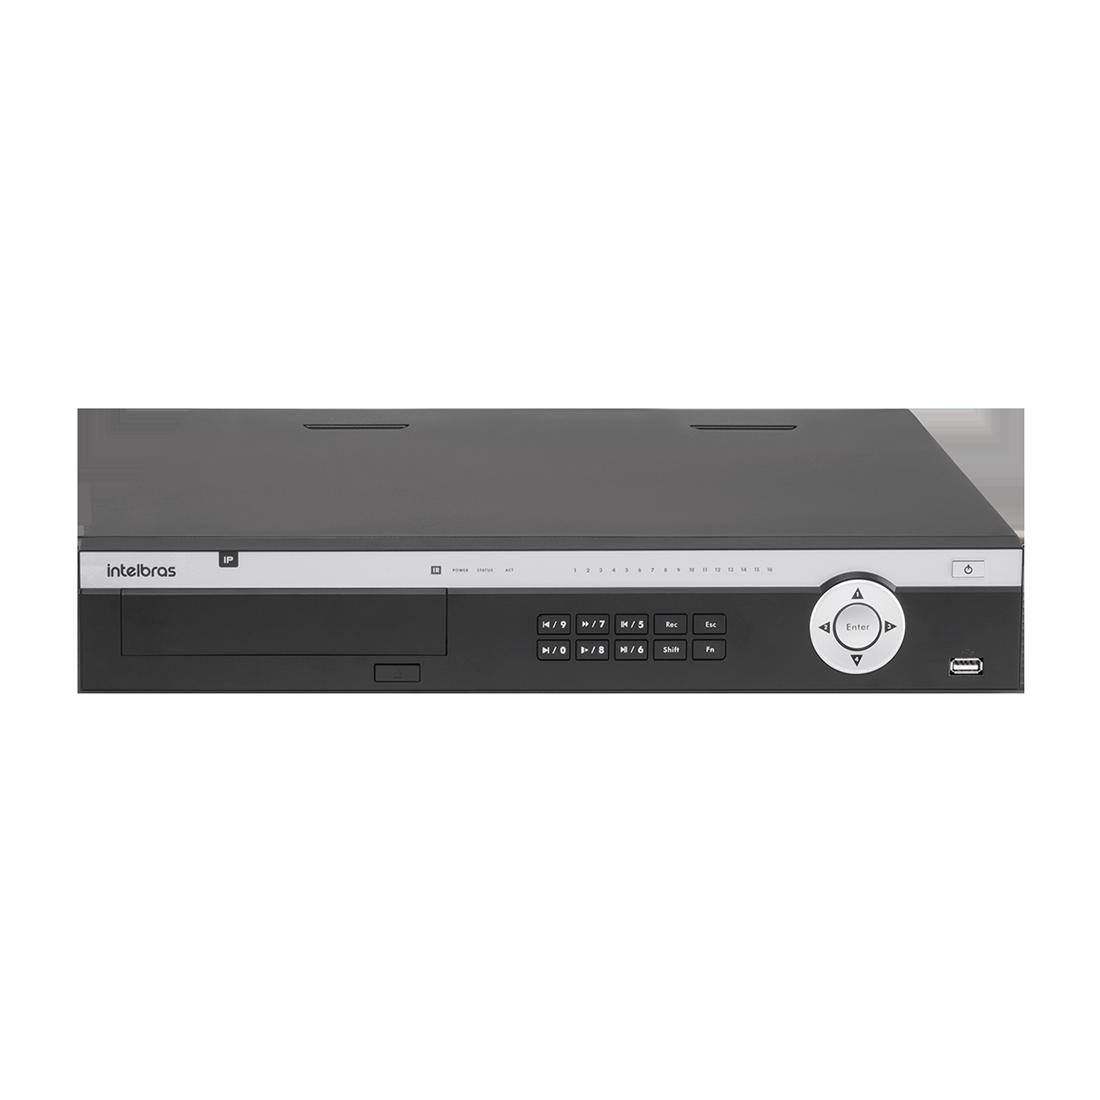 NVD 5124 COM HD 1TB - GRAV. DIG. DE VÍDEO EM REDE PARA ATÉ 24 CANAIS IP EM FULL HD @ 30 FPS, SUPORTA CÂMERA FISHEYE, INTELIGÊNCIA DE VÍDEO EM TODOS OS CANAIS, H.265, SUPORTE PARA 4HDS E SUPORTA CÂMERA  - Sandercomp Virtual